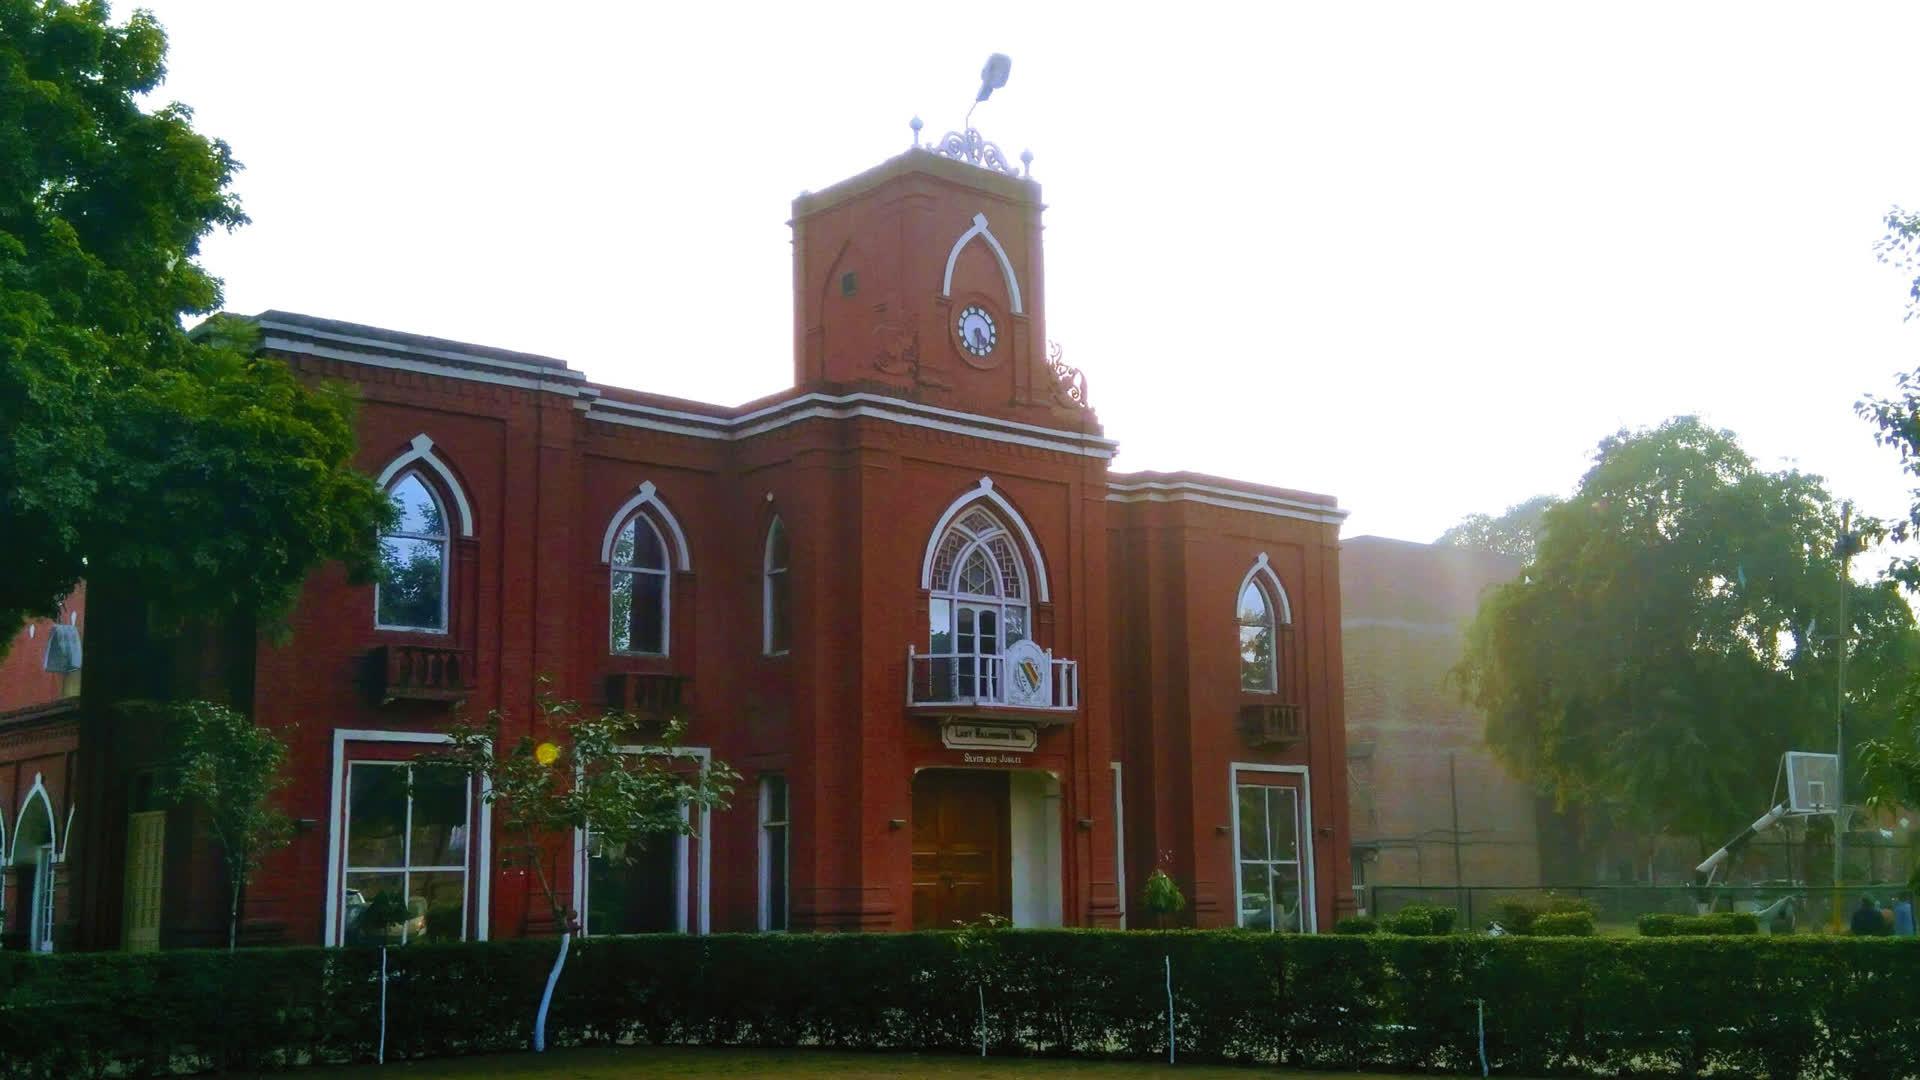 लुधियाना का क्रिश्चियन मेडिकल कॉलेज: एक प्रभावशाली प्रयास की कहानी